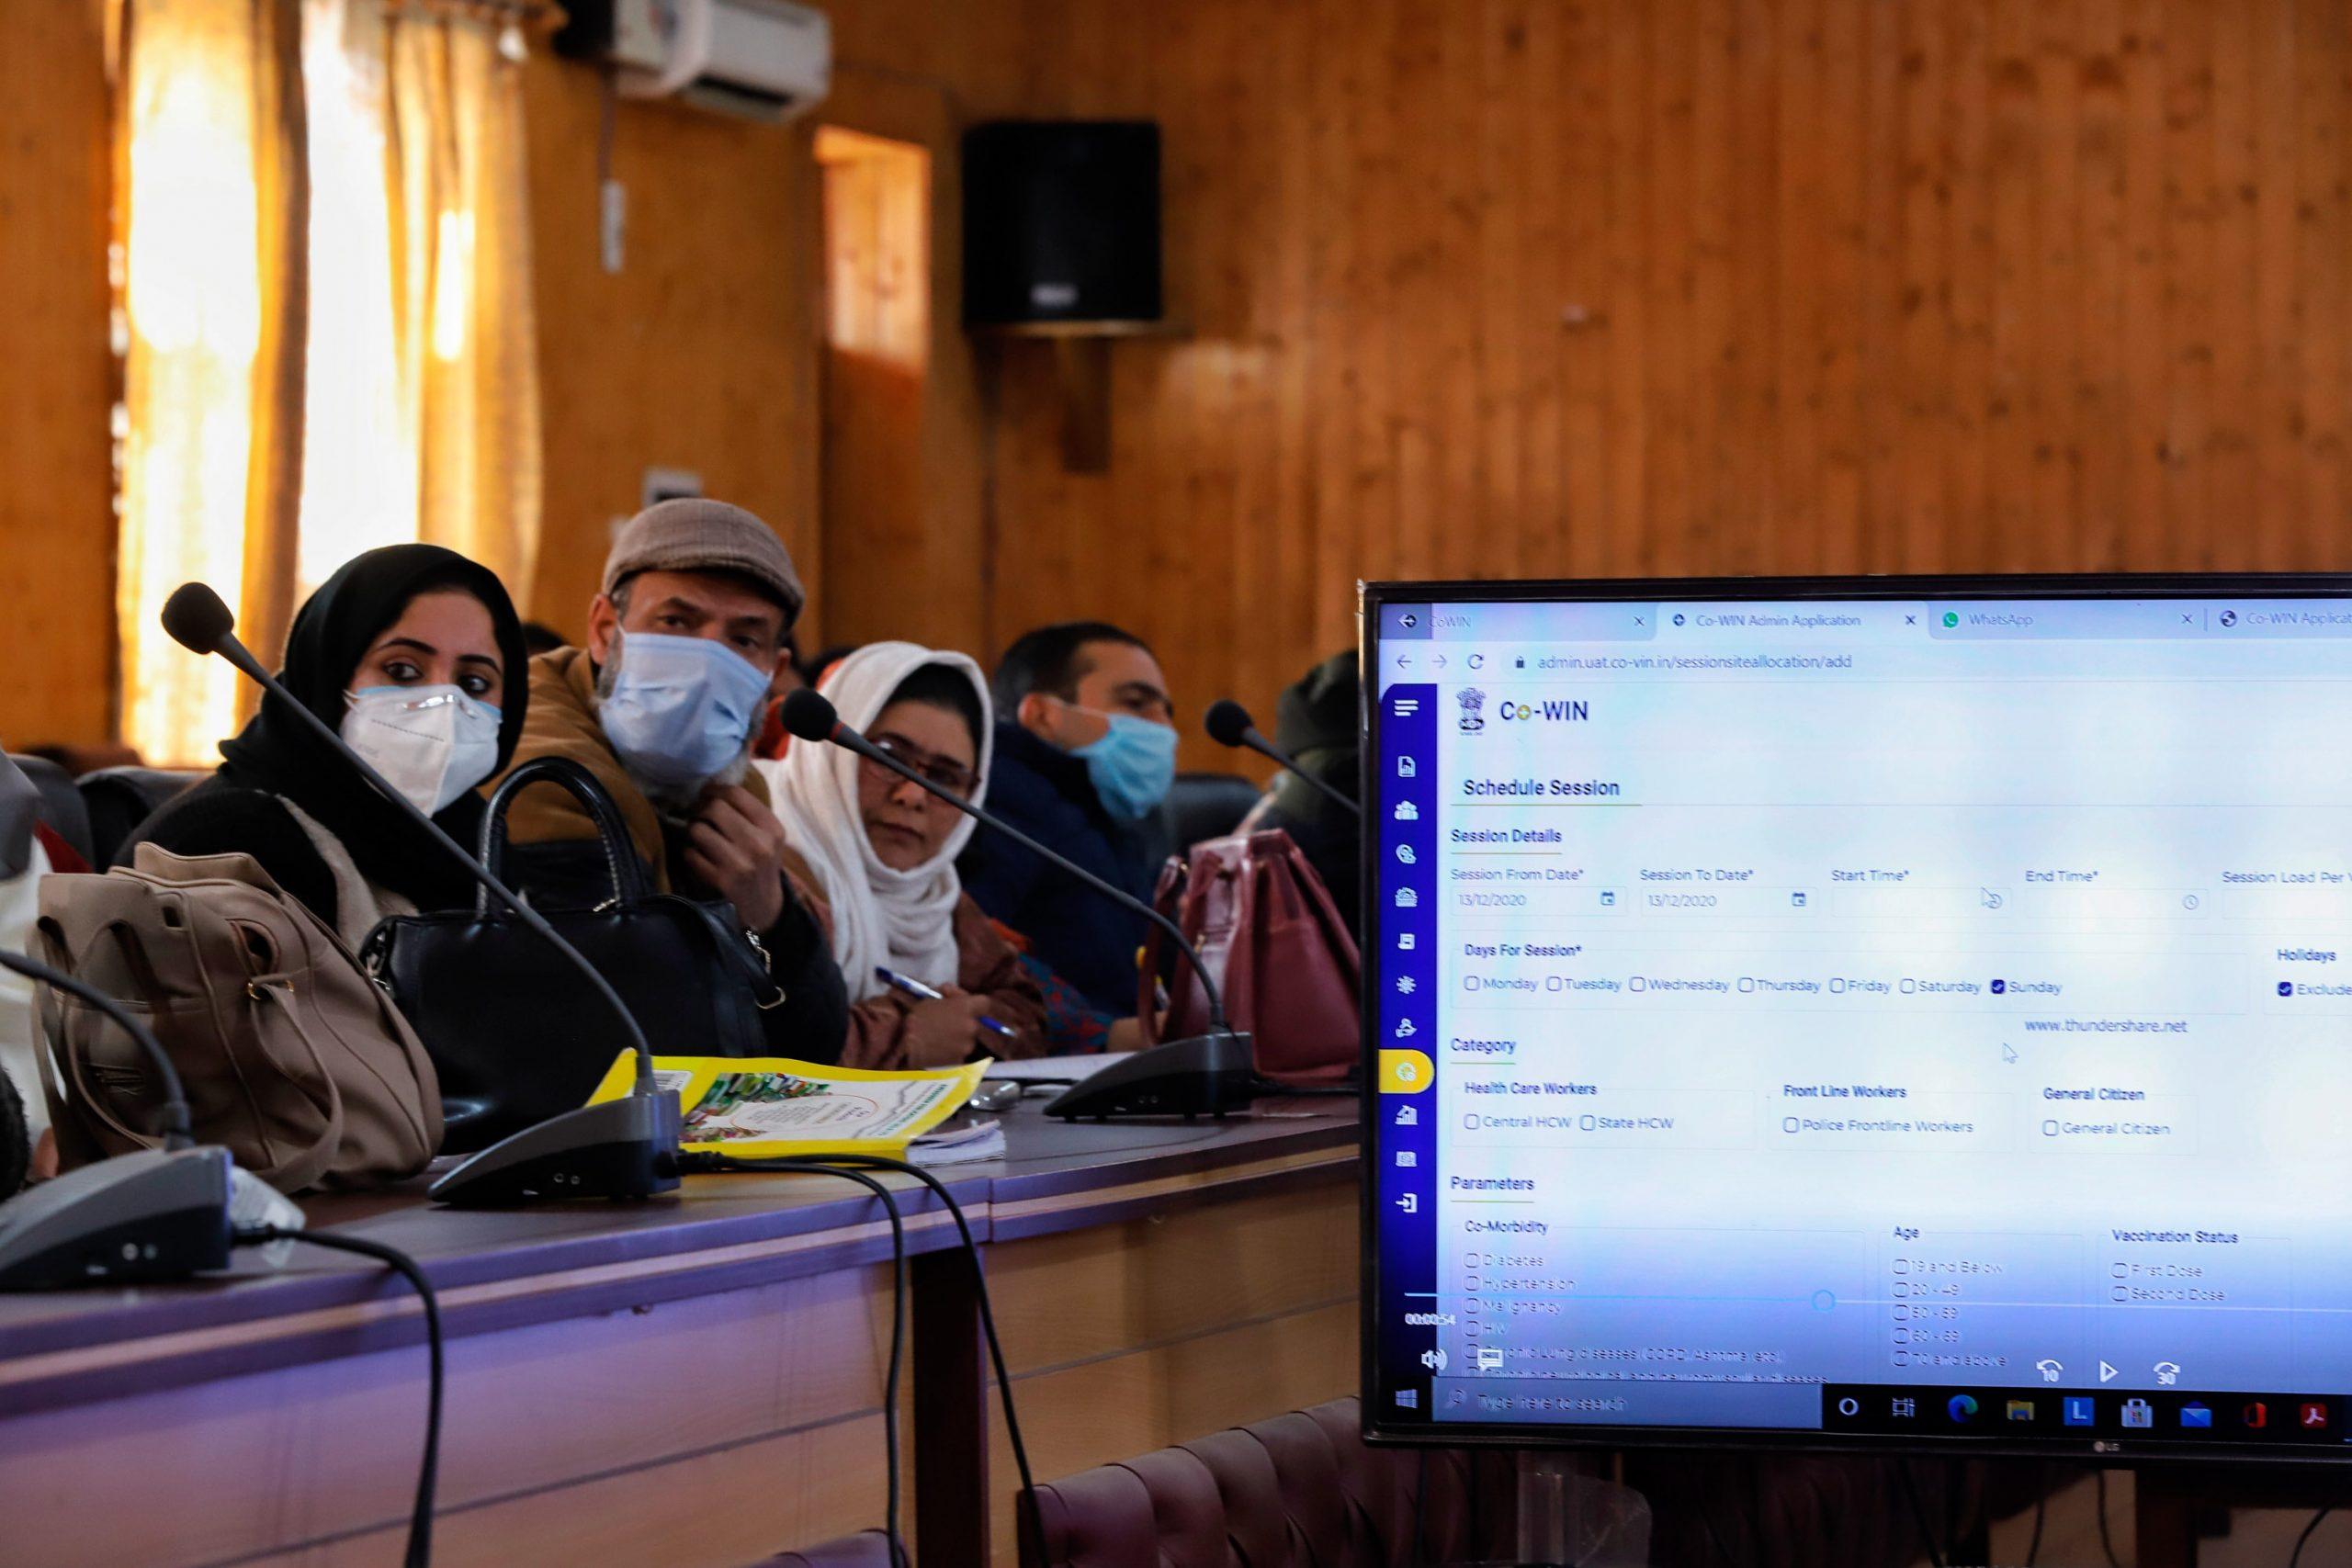 8月までに3億人接種、インドの一大計画を支えるソフトで不具合